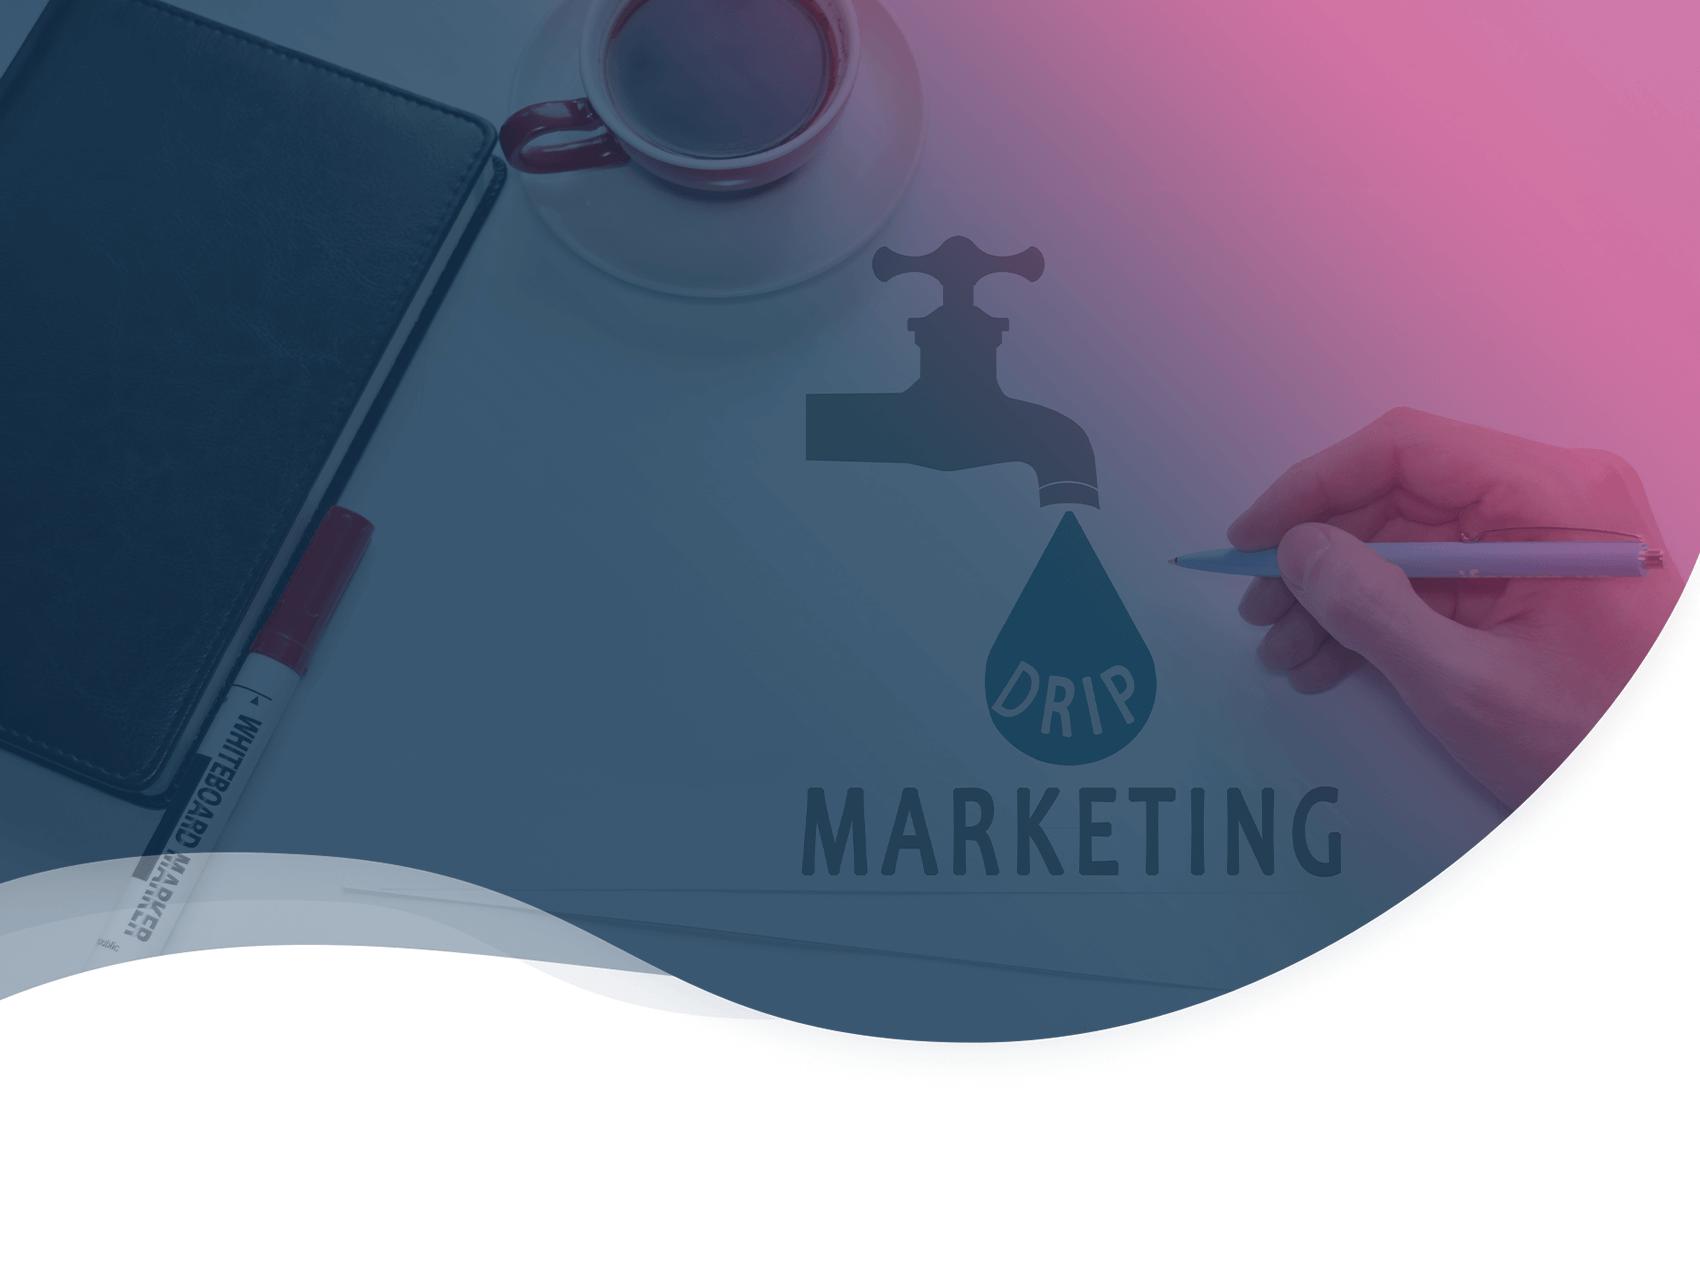 Drip Marketing: Le guide complet pour vous lancer